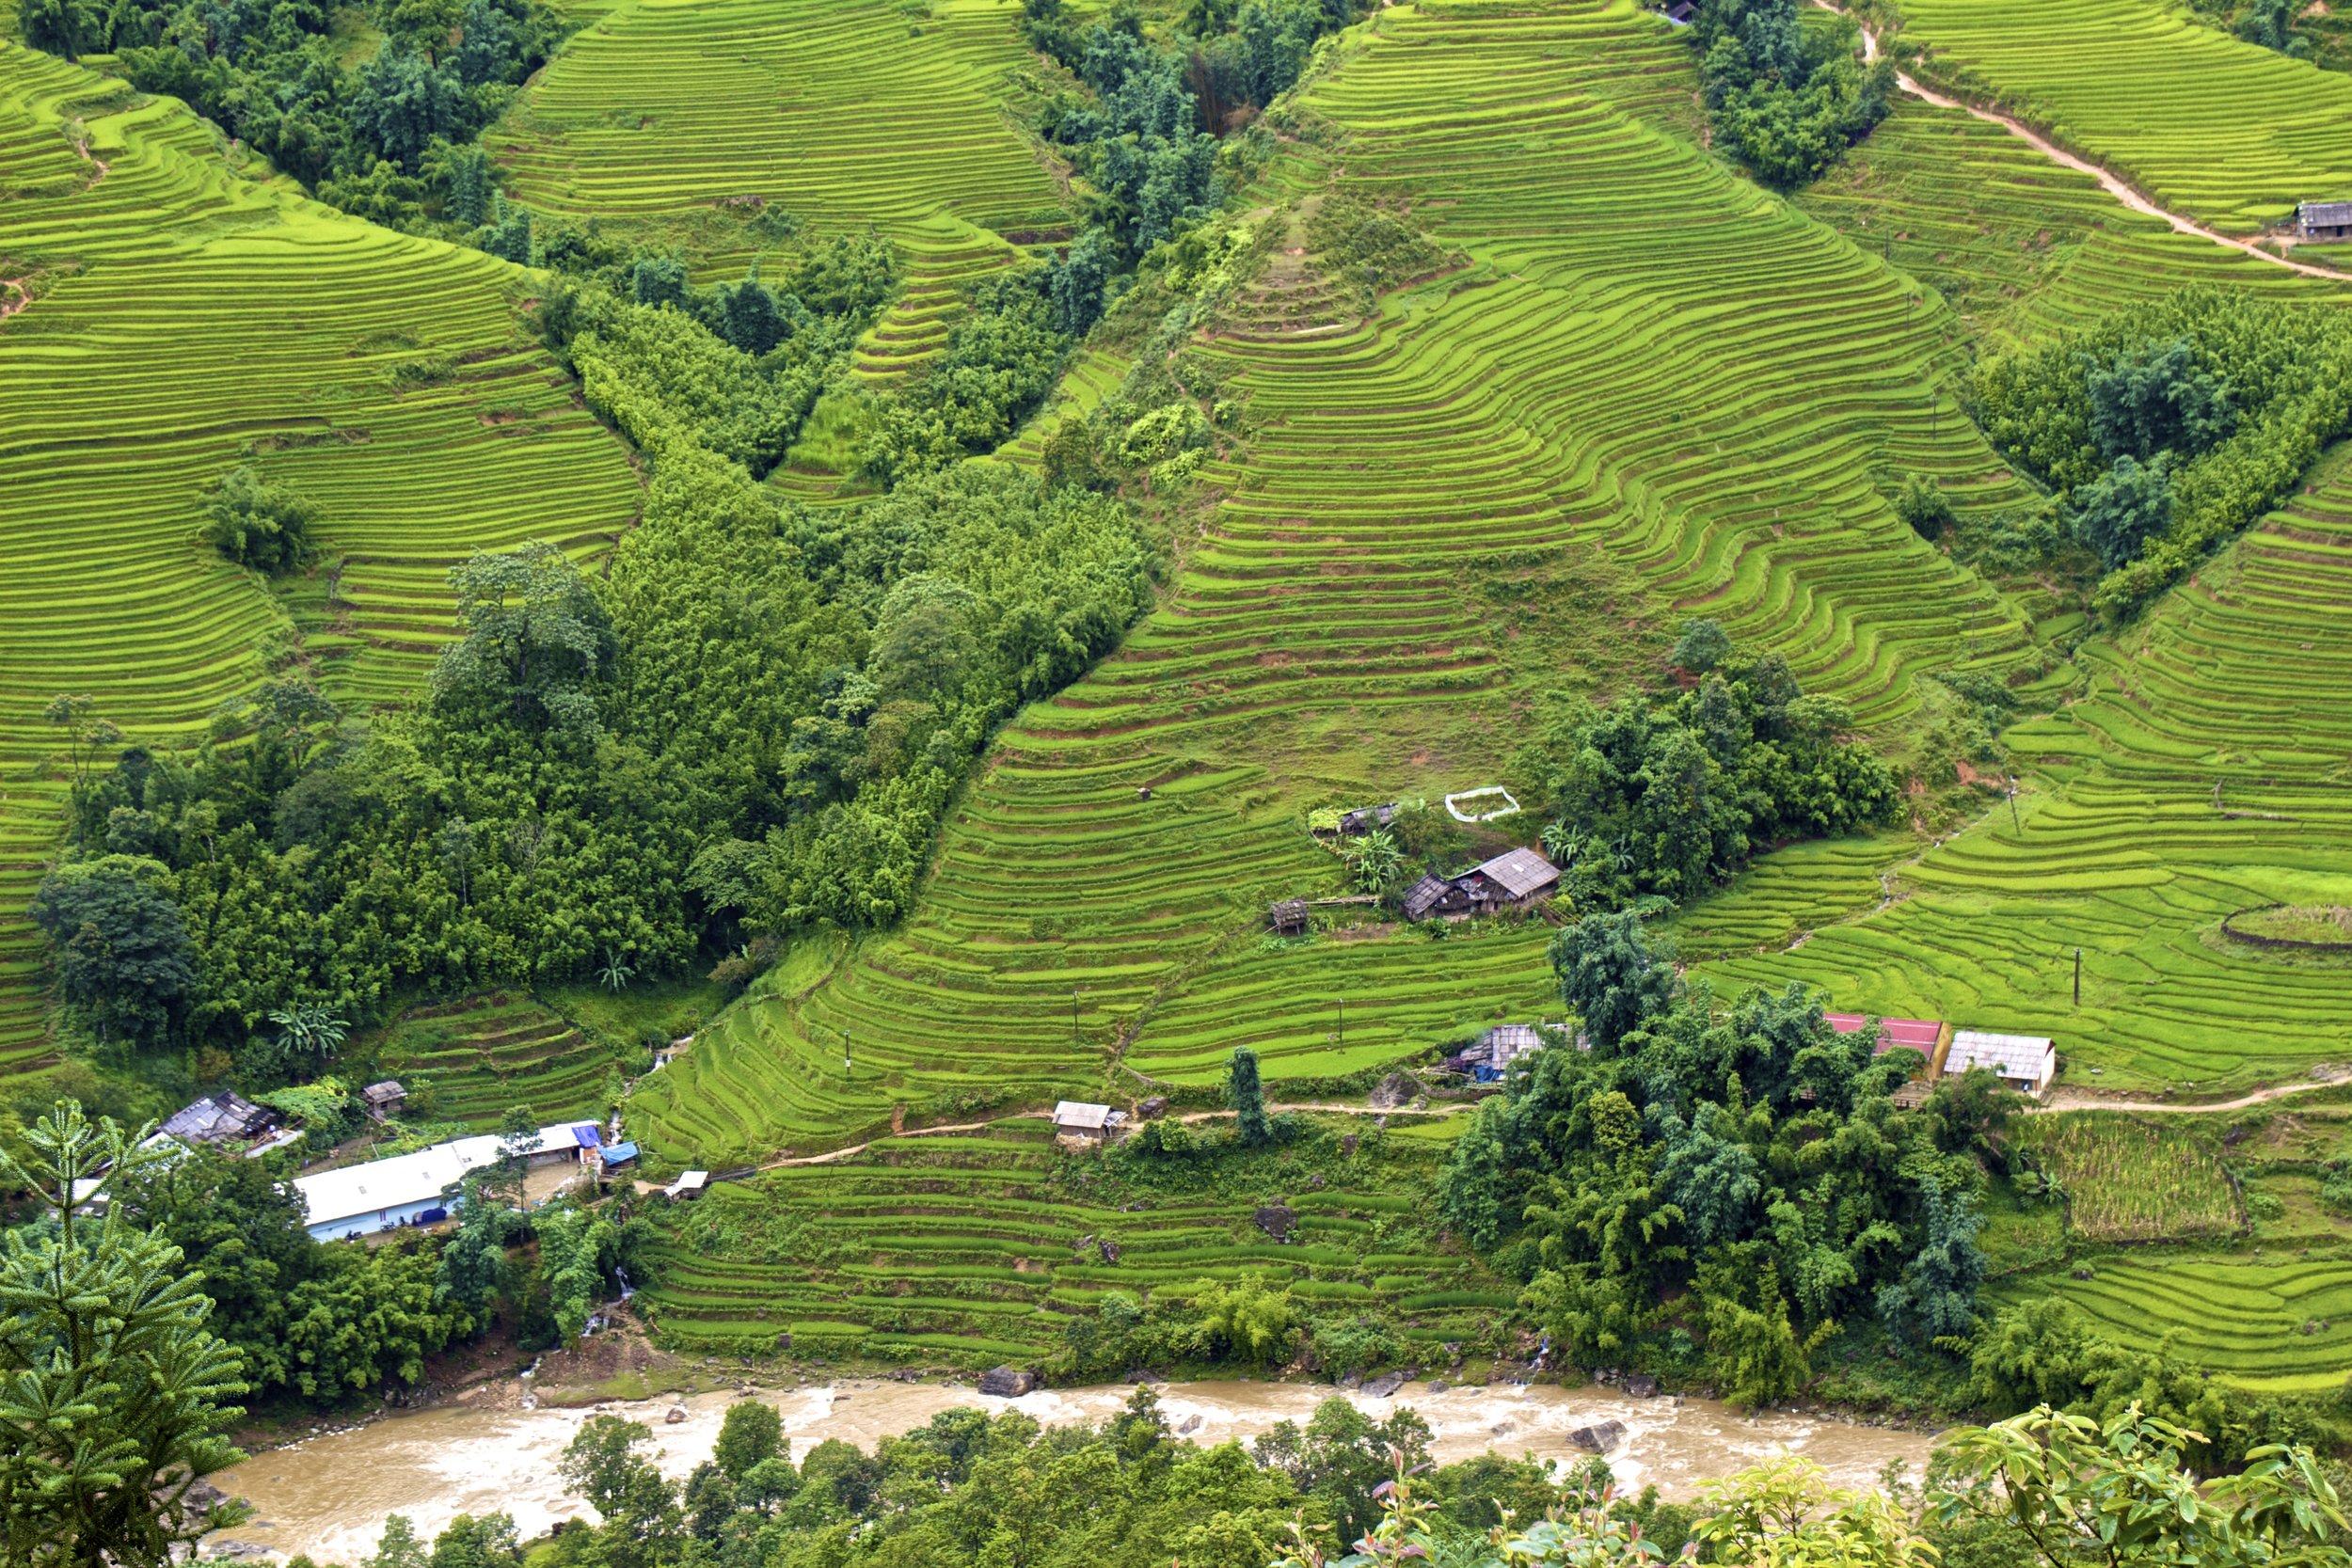 sa pa lao cai vietnam rice paddies 19.jpg